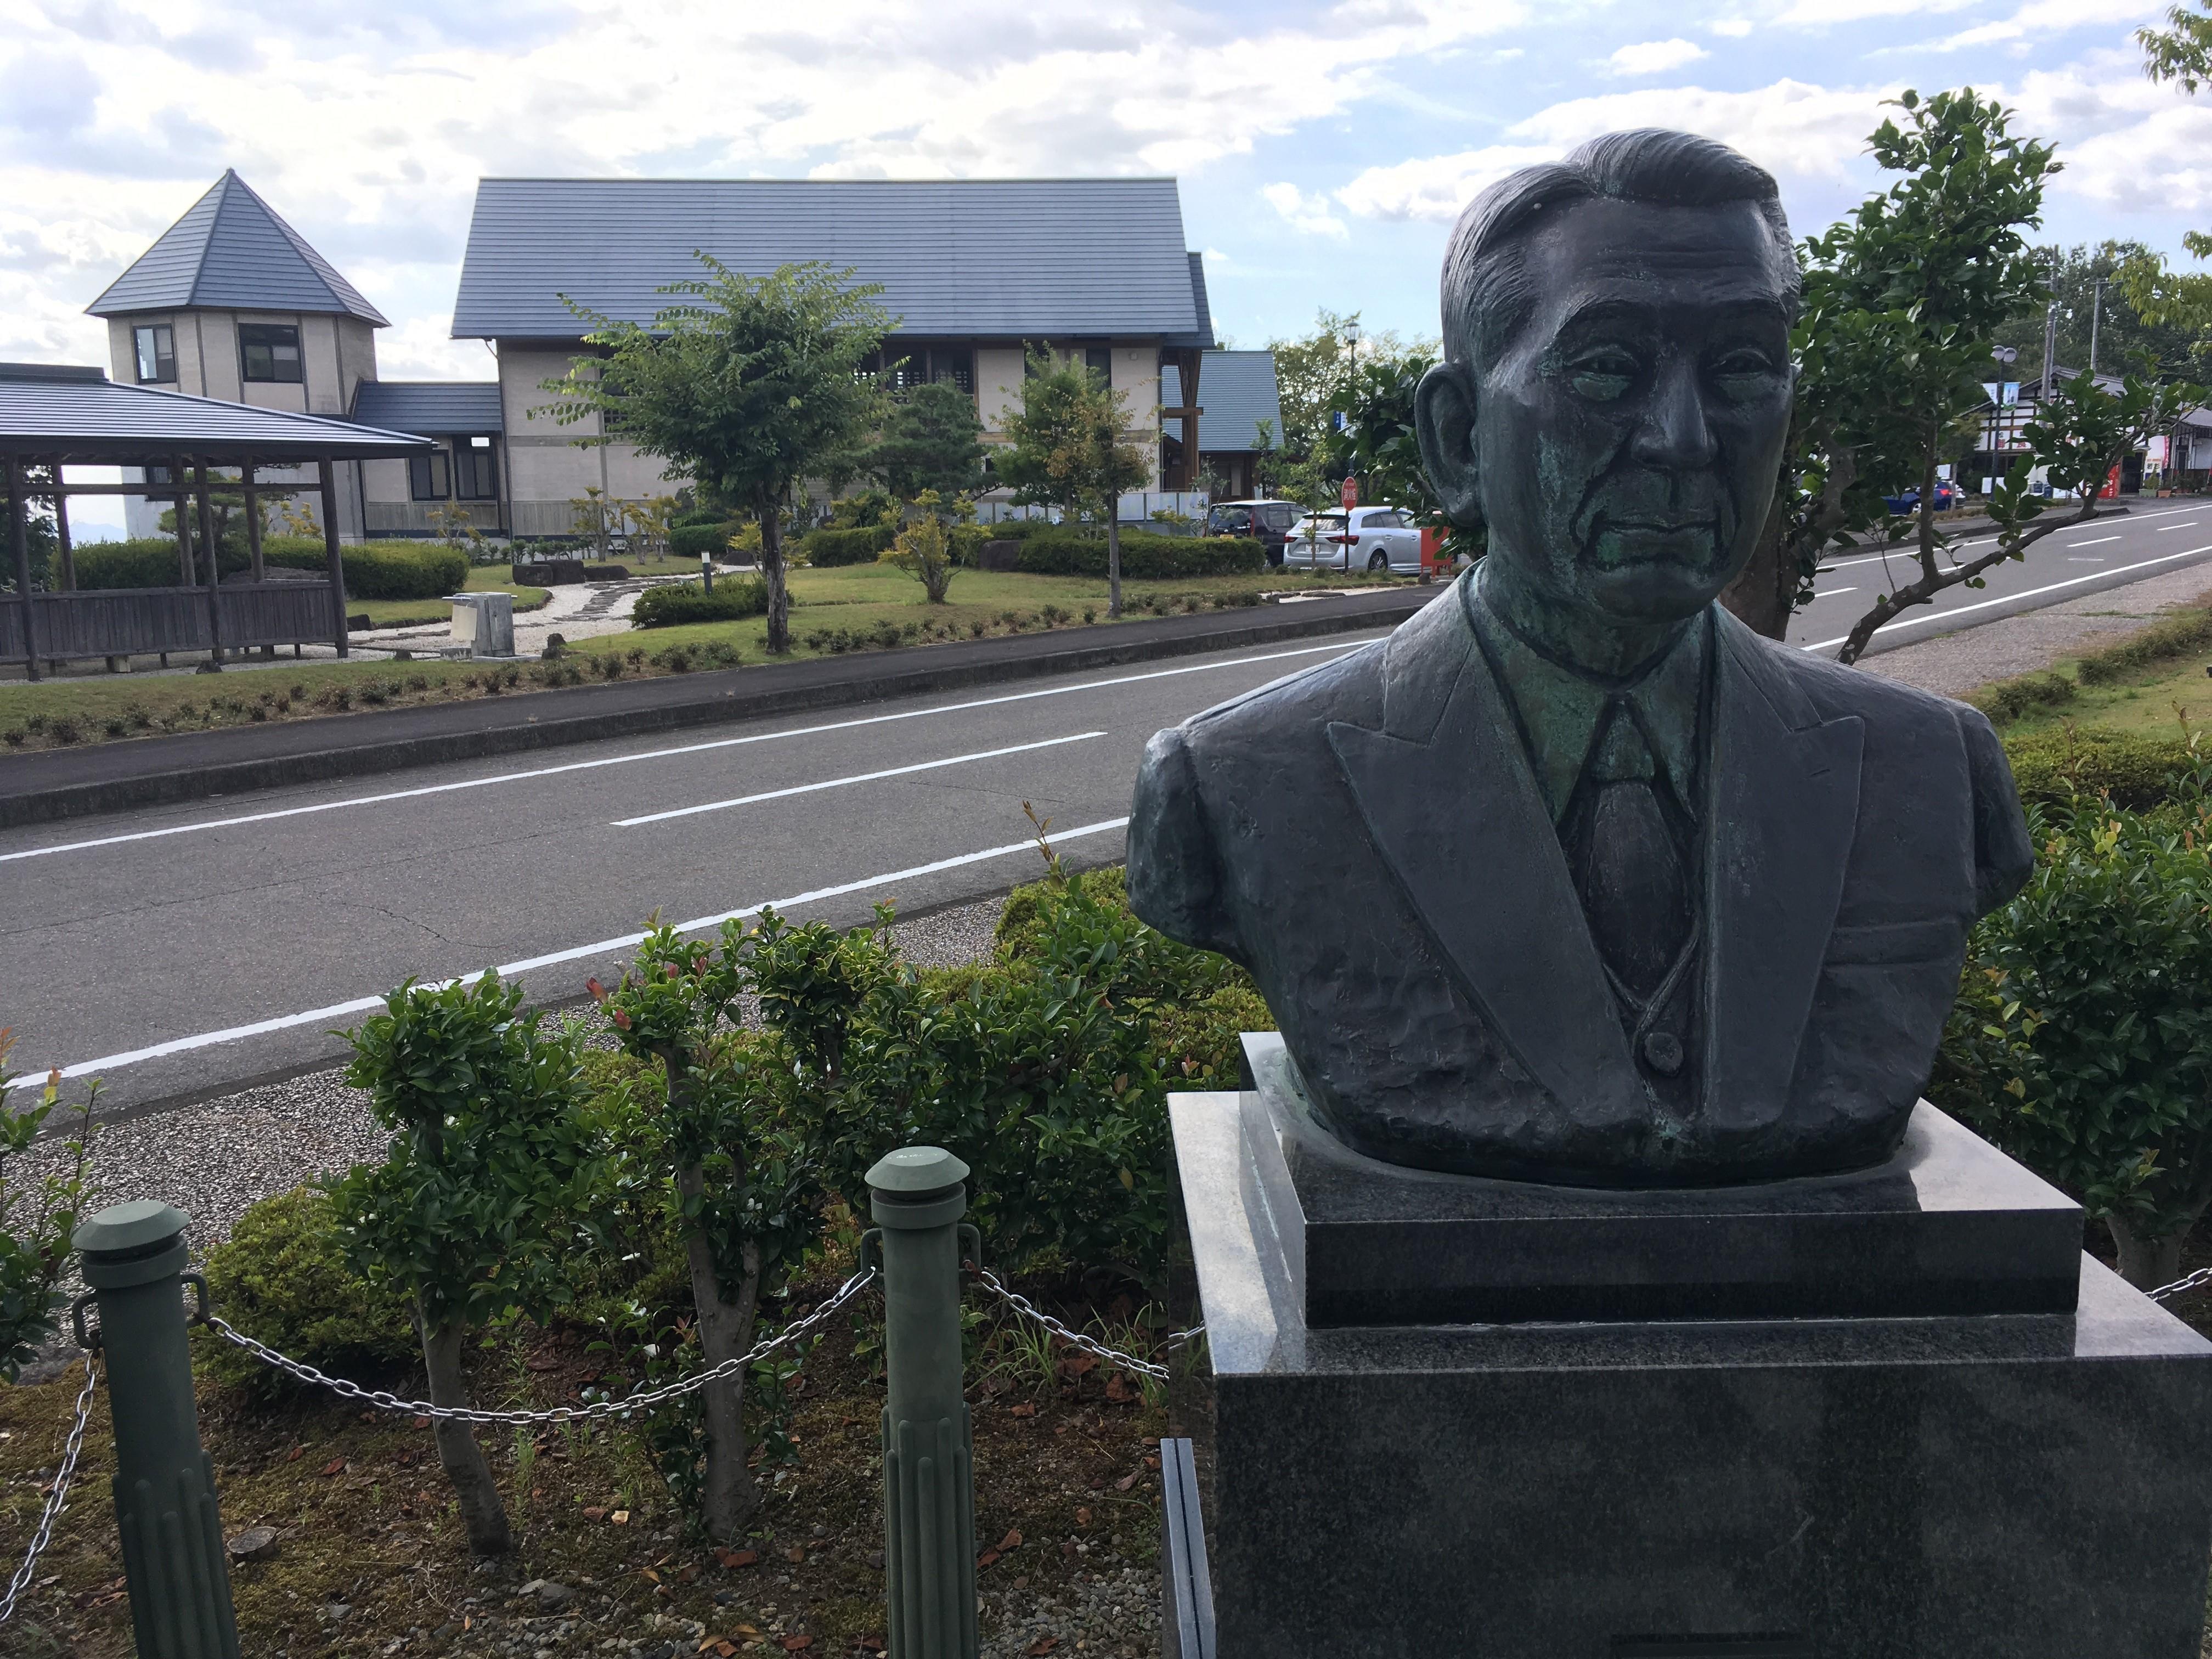 岐阜県八百津町生まれの杉原の胸像と同町杉原千畝記念館